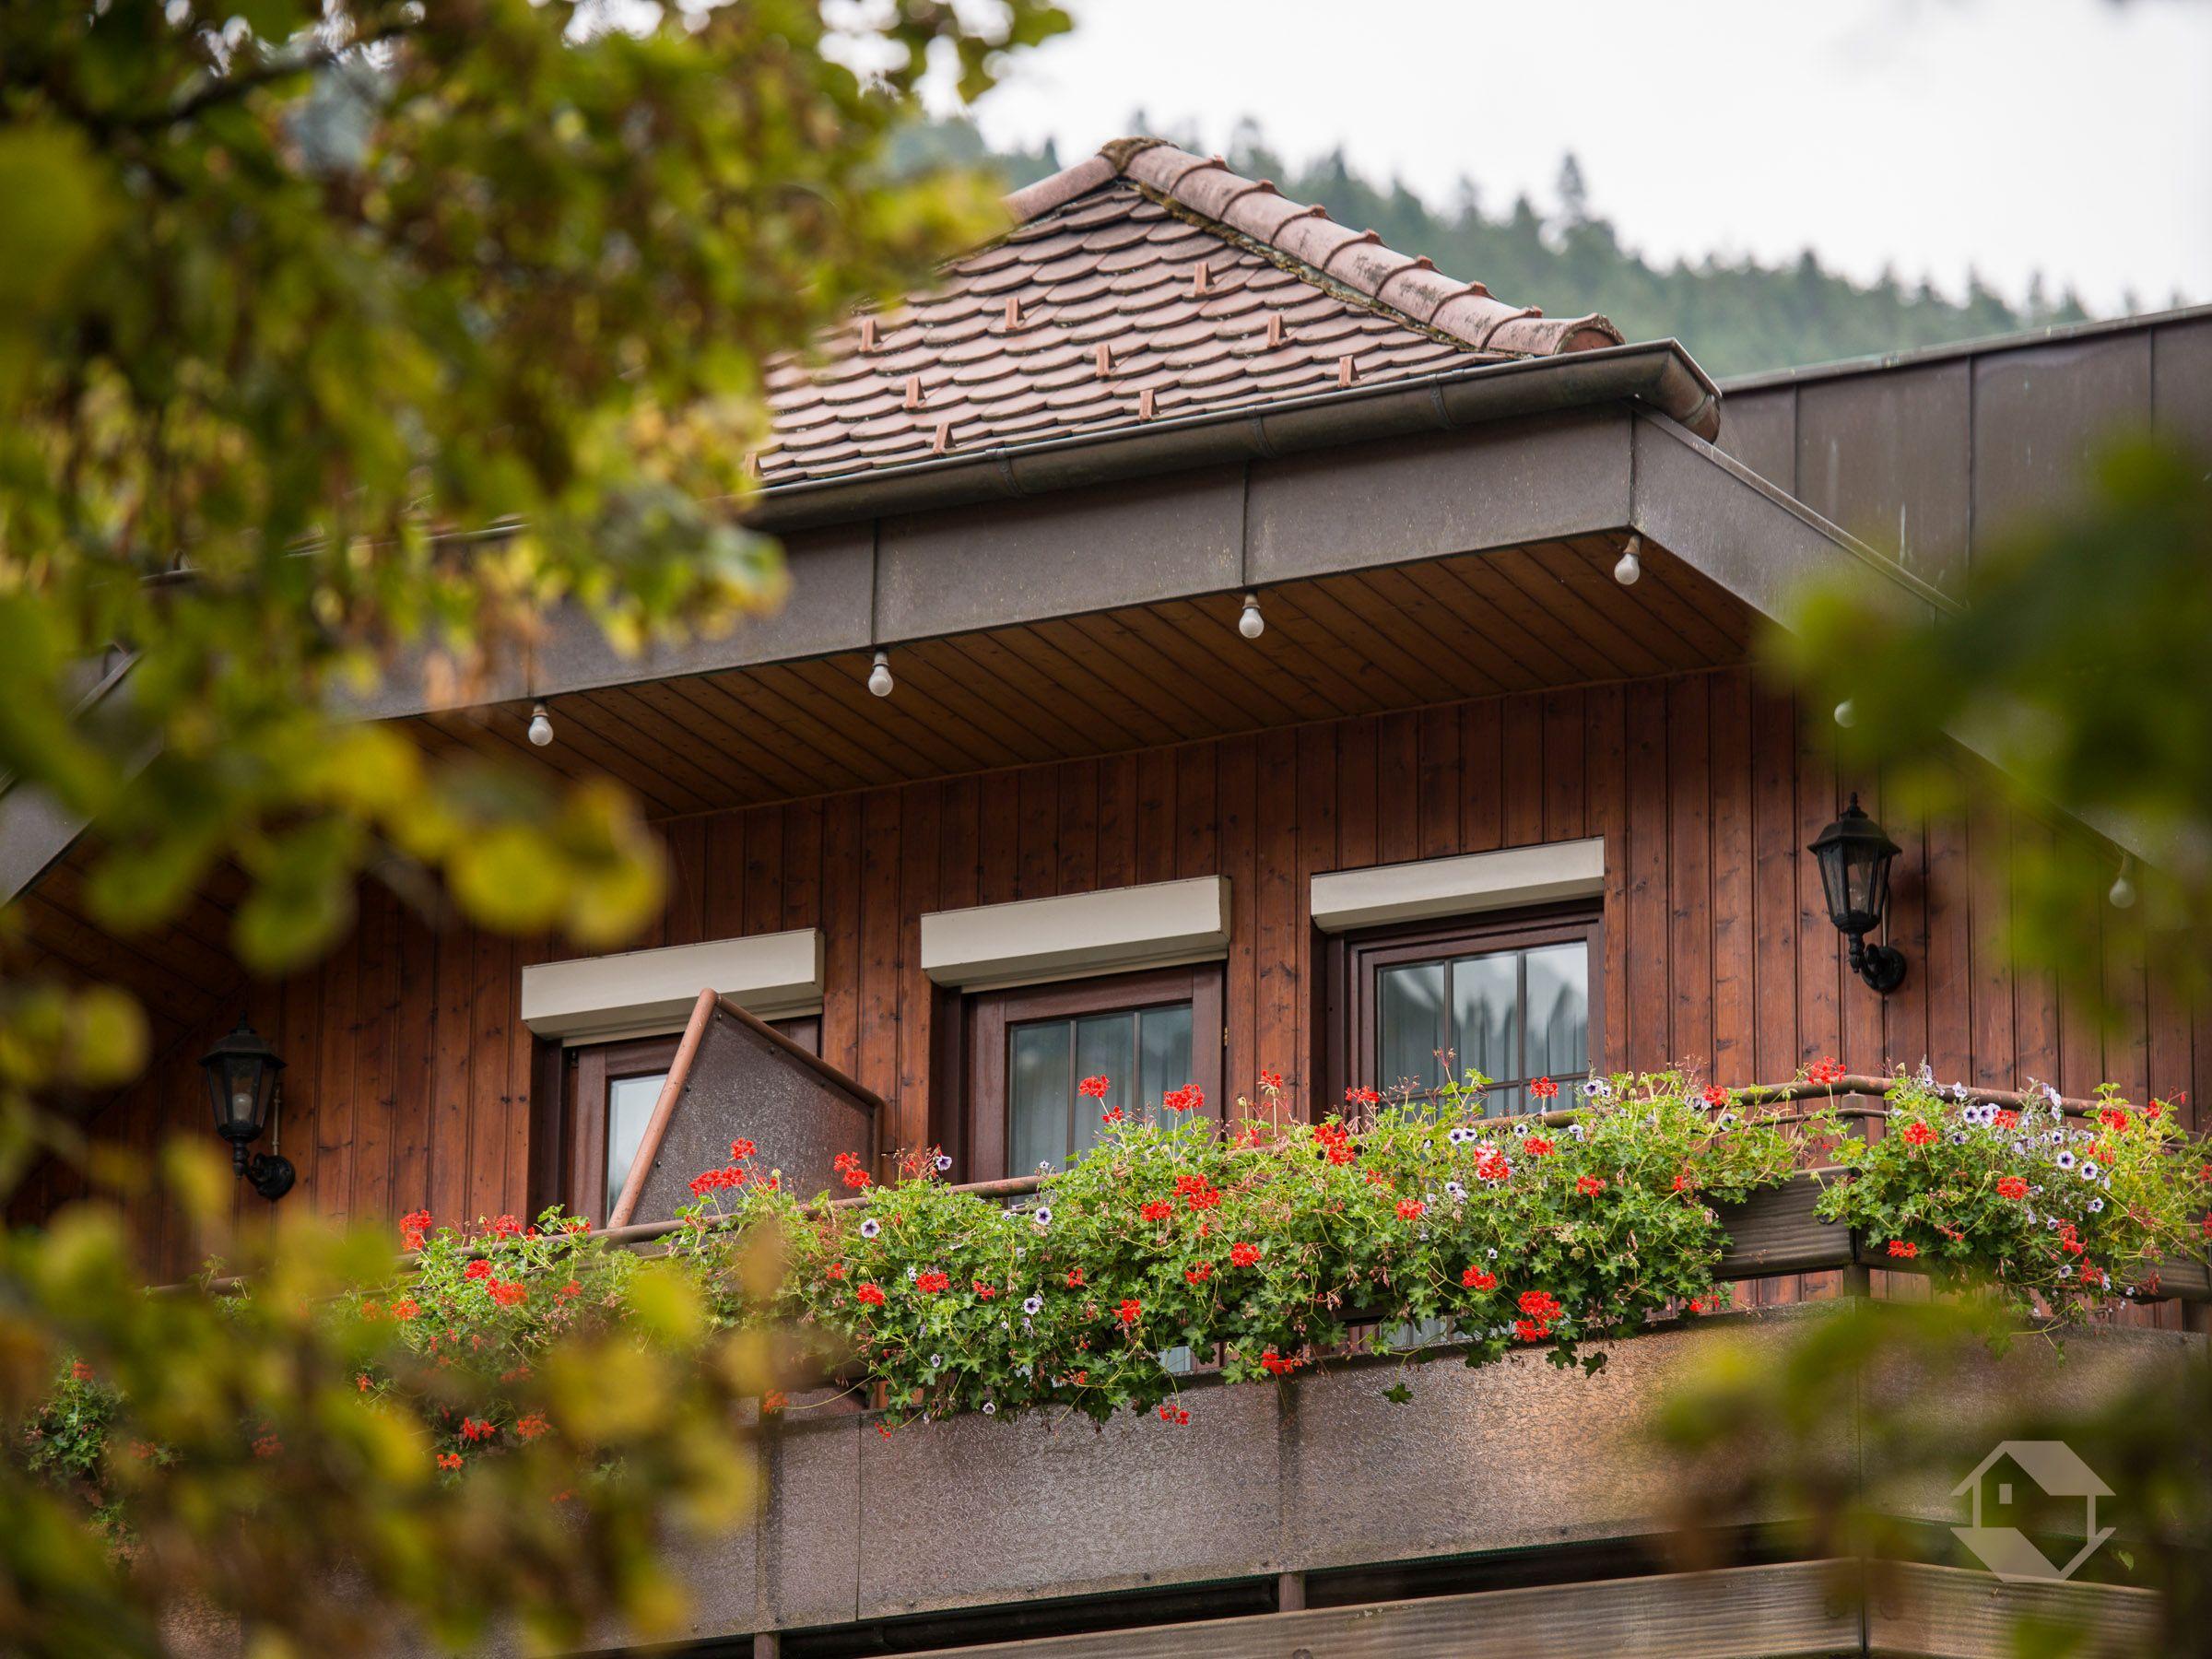 Haus Kaufen Bad Wildbad hotel restaurant alte linde bad wildbad doppelzimmer mit balkon